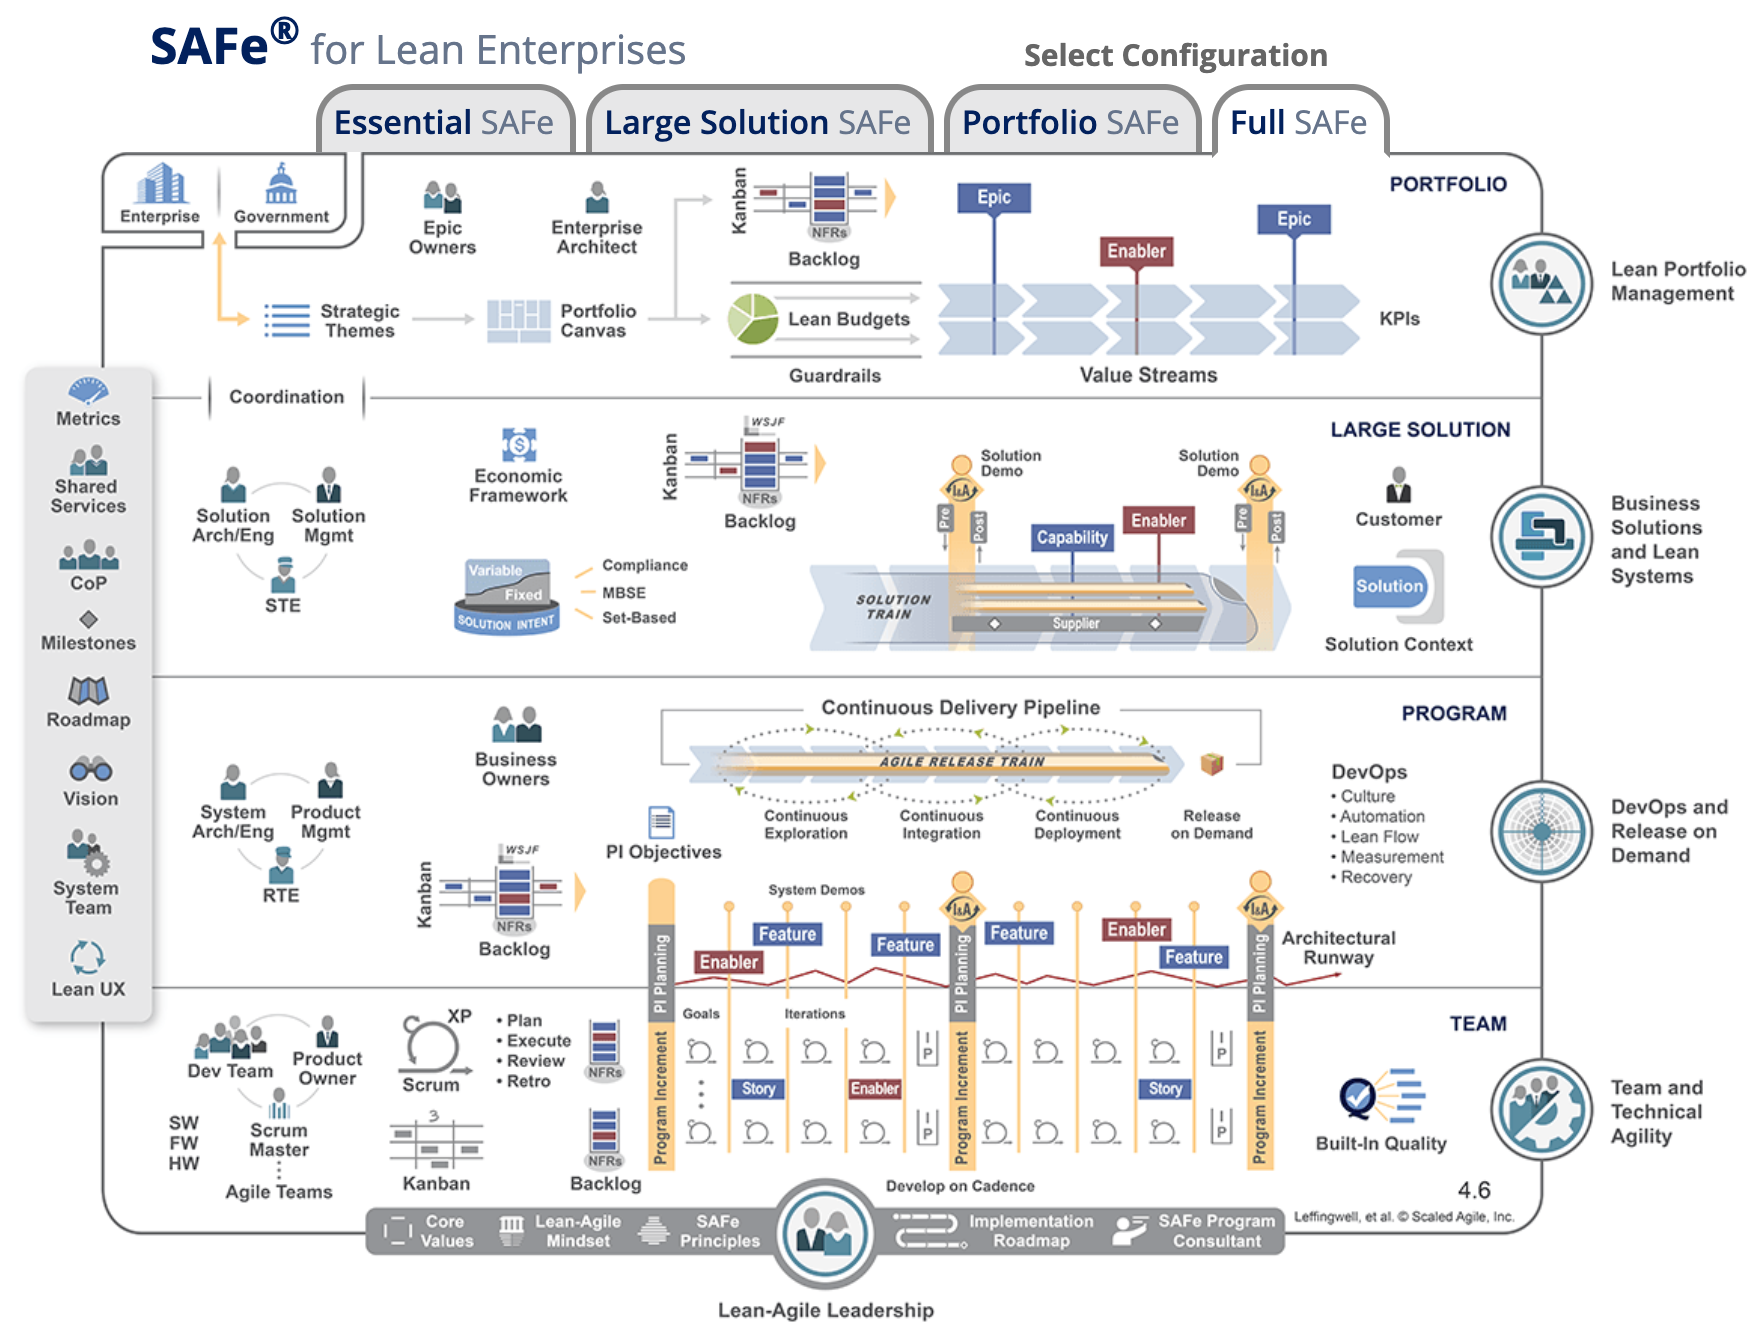 SAFe for lean enterprises, configurations